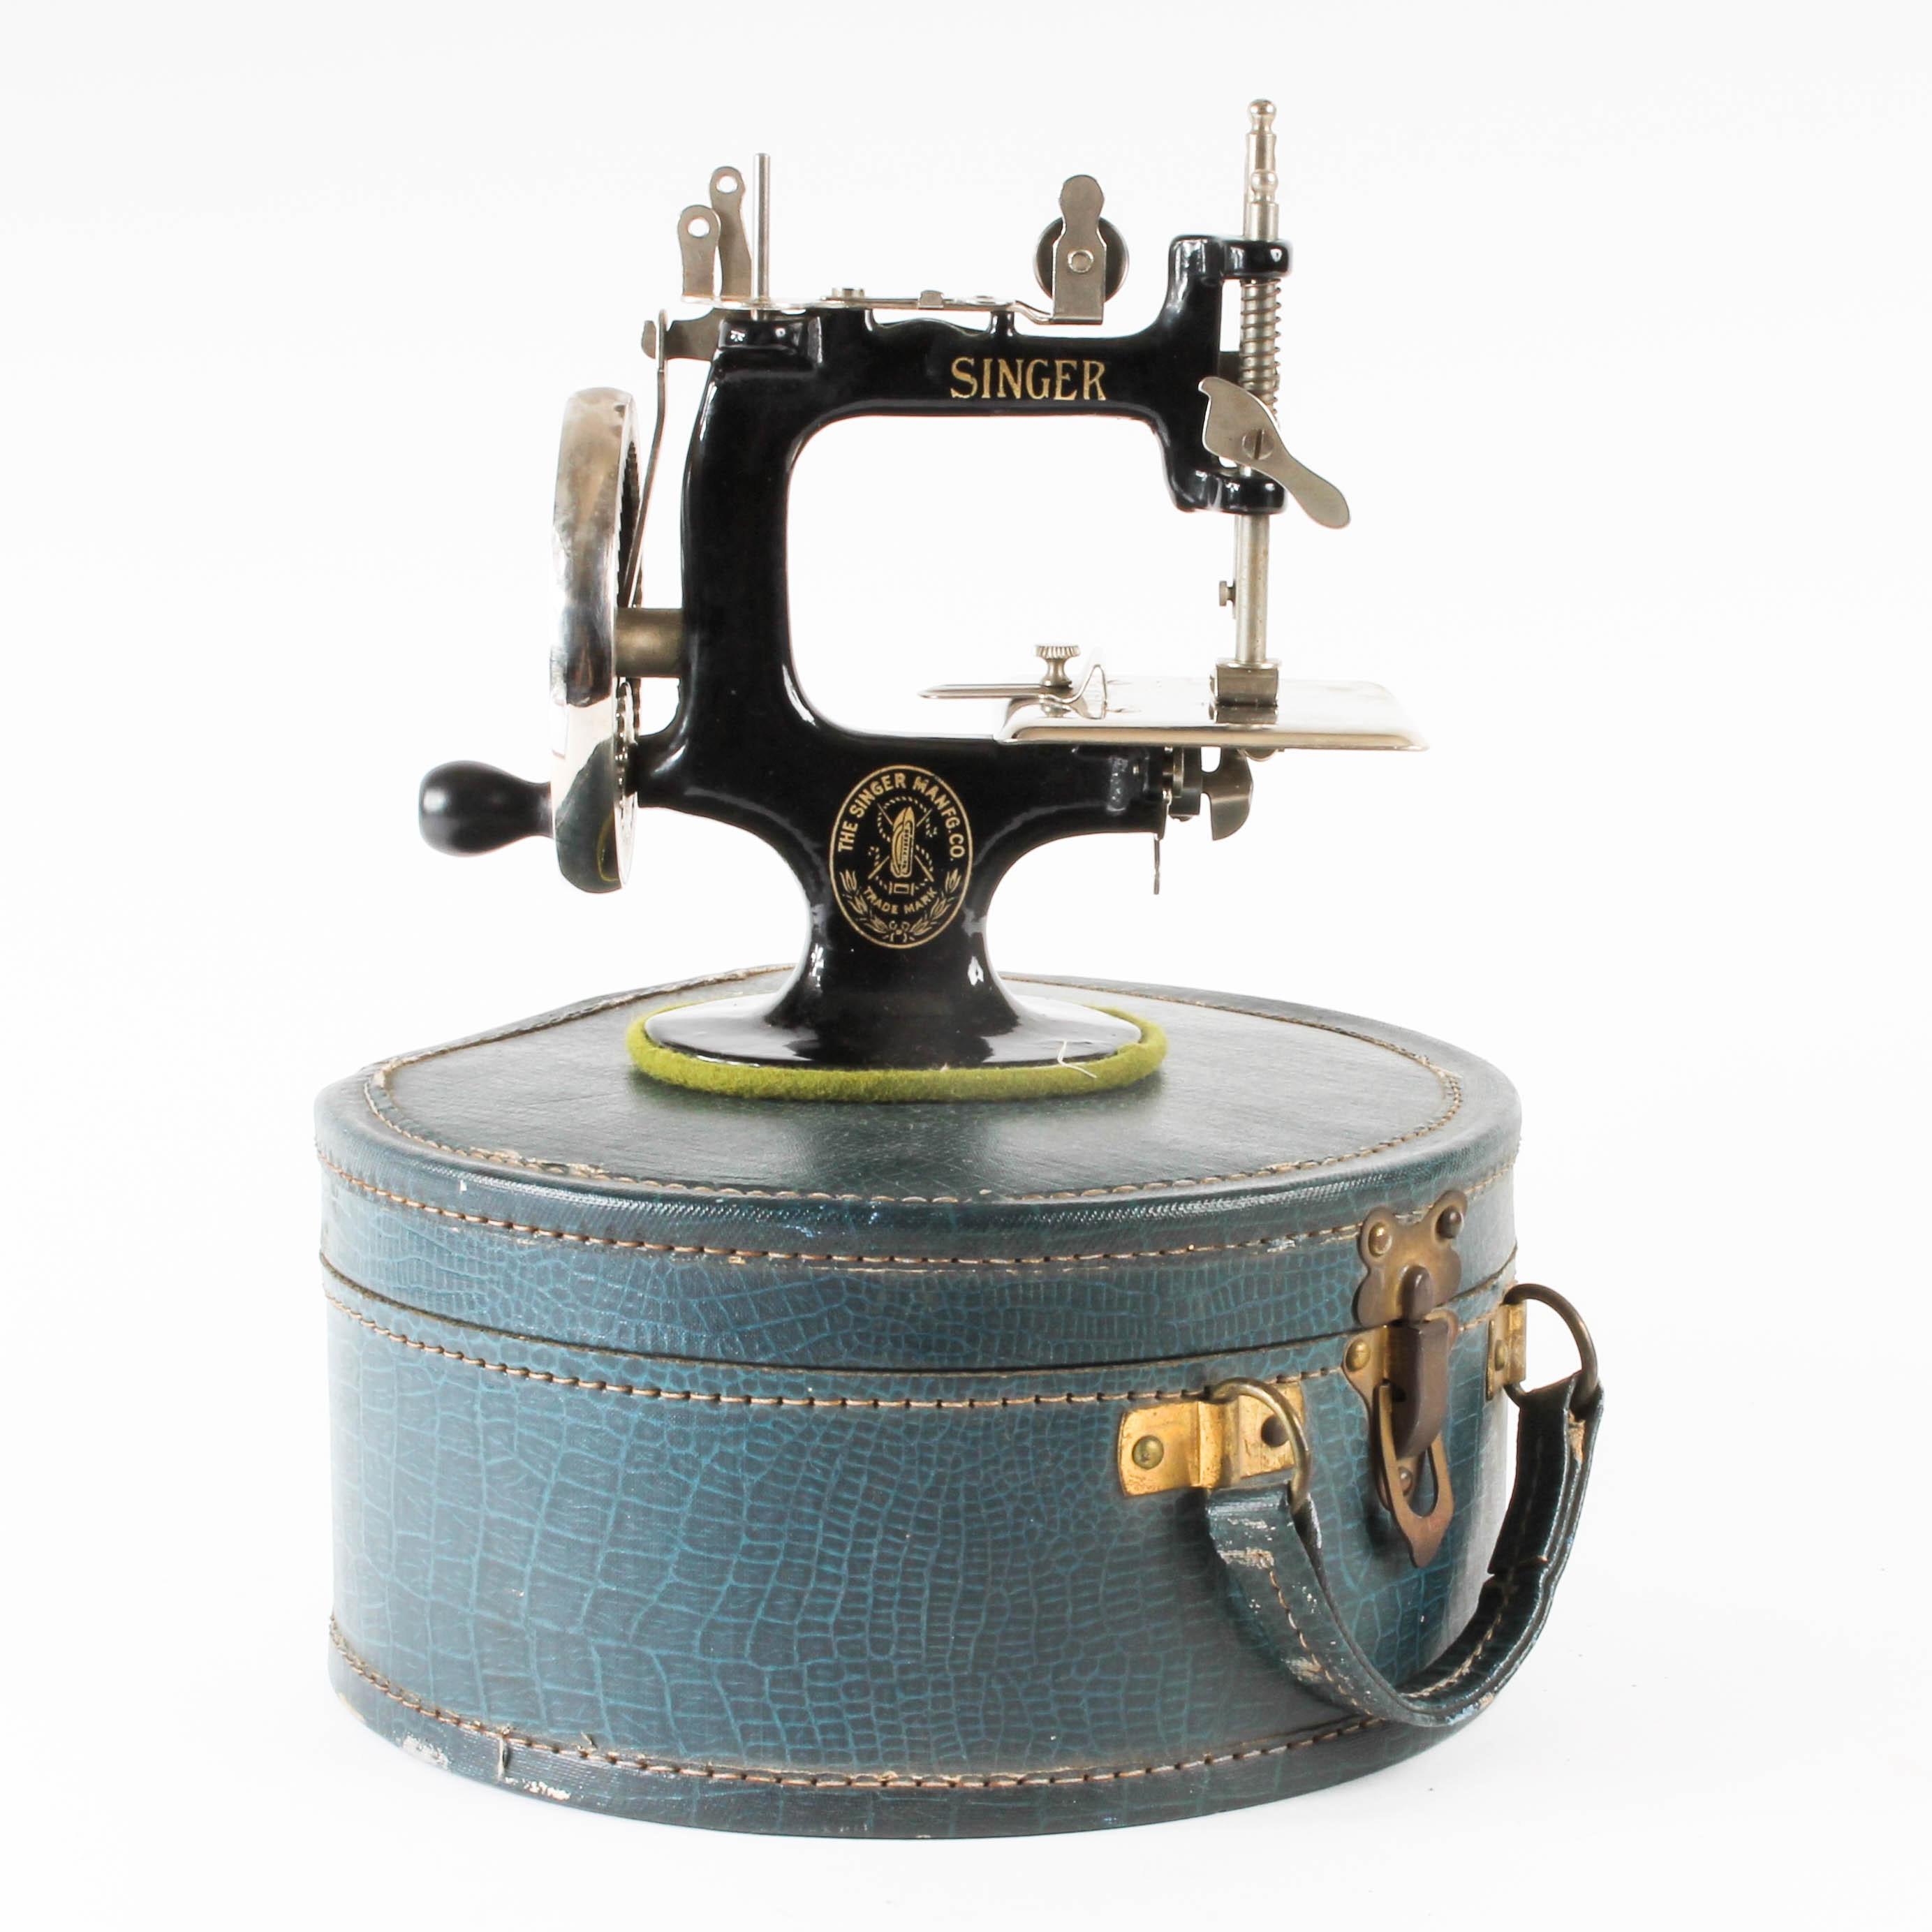 Children's Vintage Singer Sewing Machine